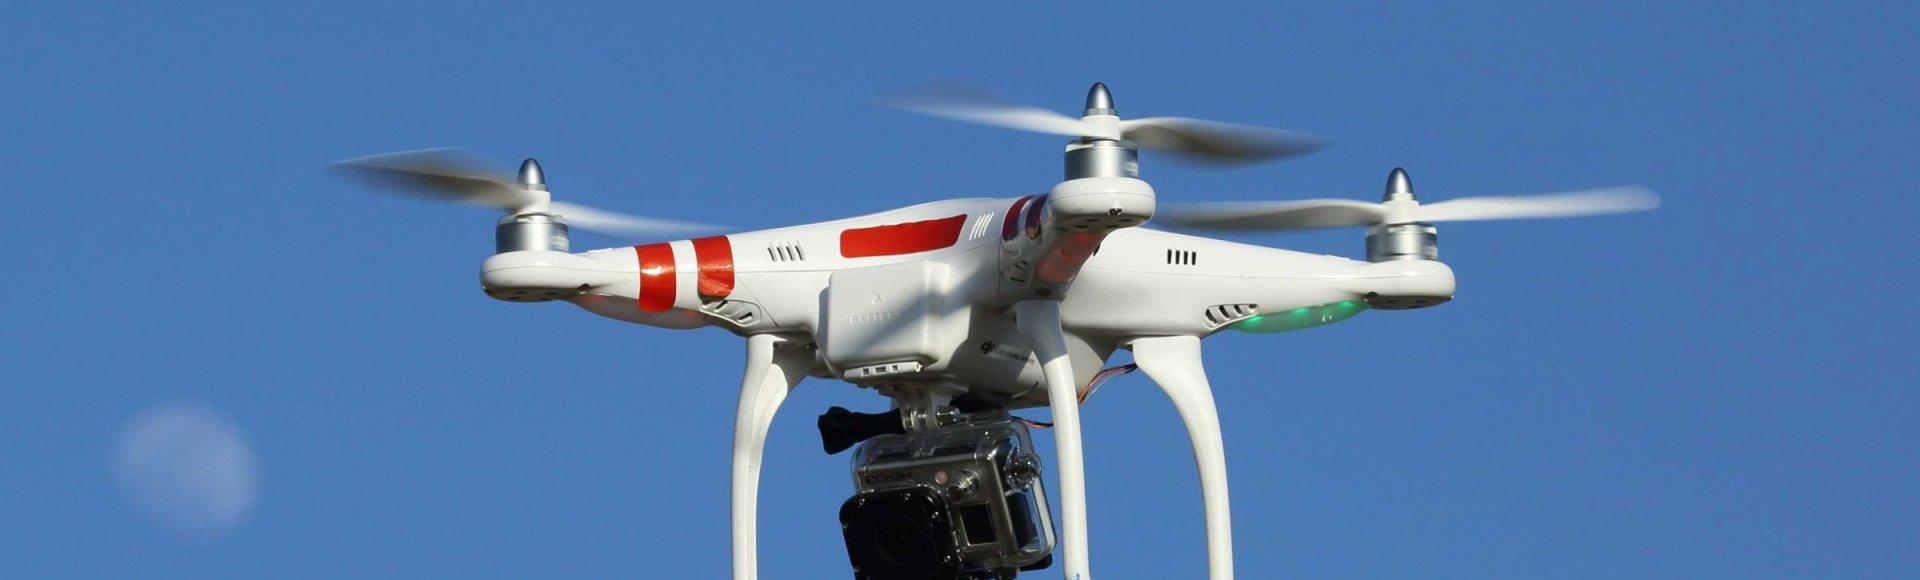 Droneflyvning på Nyord